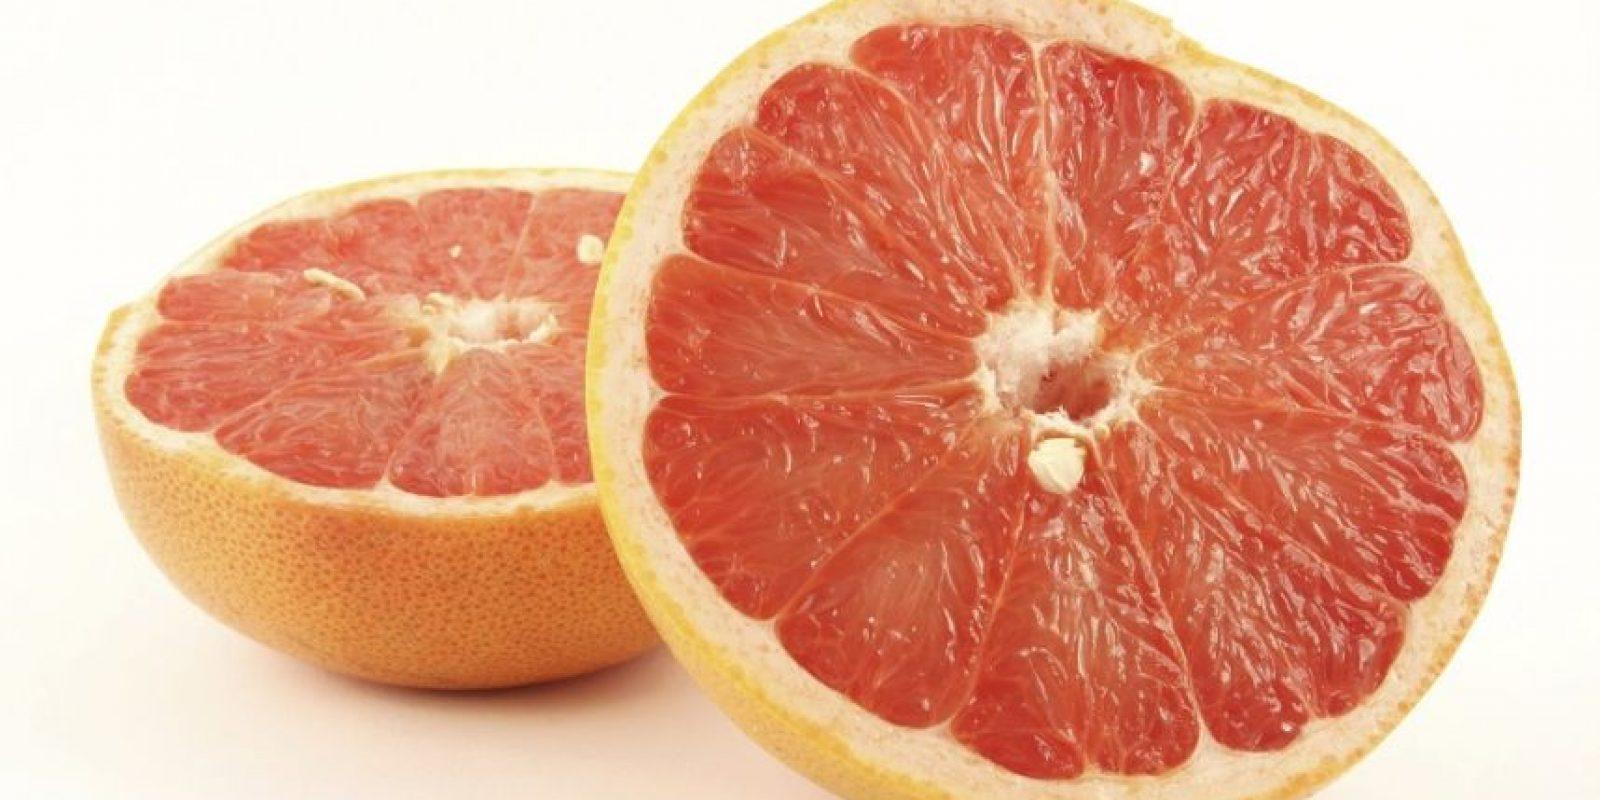 Toronja. Rica en nutrientes y vitaminas, una fruta muy popular en las dietas de adelgazamiento por su poder diurético, es una buena fuente de fibra y antioxidante. Foto:Fuente externa